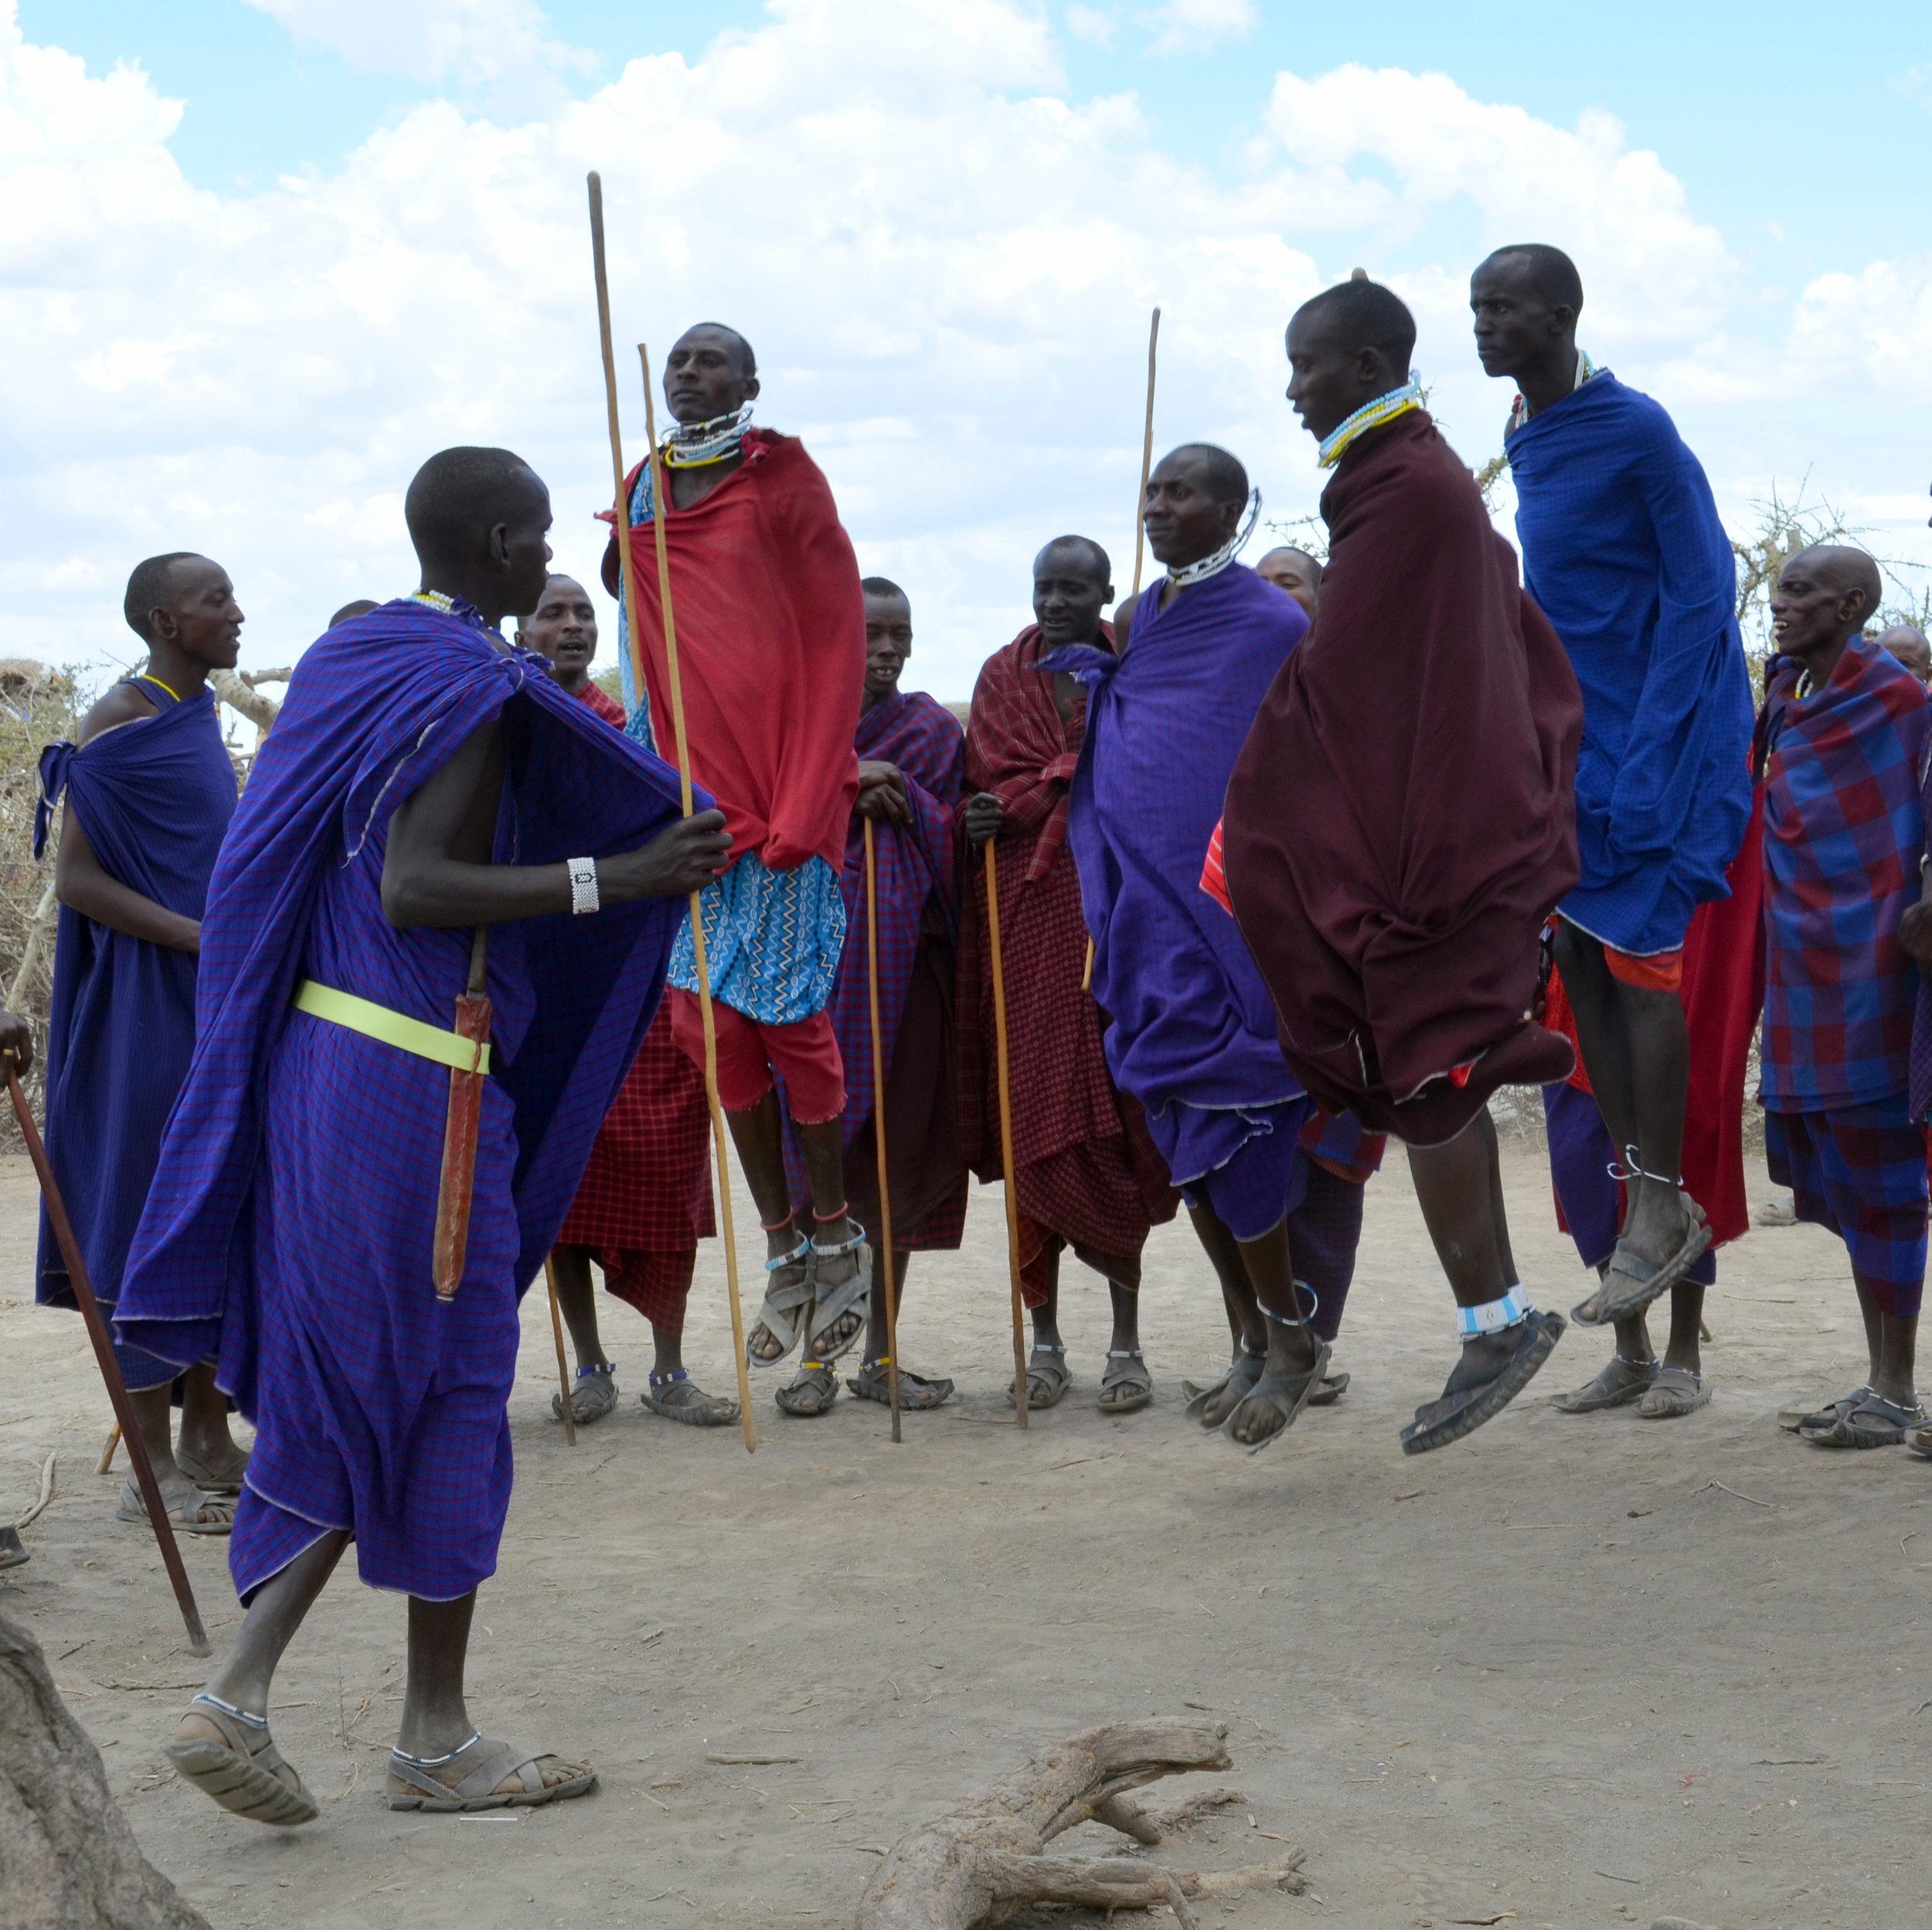 Copy of Maasai Dancing (AF025)